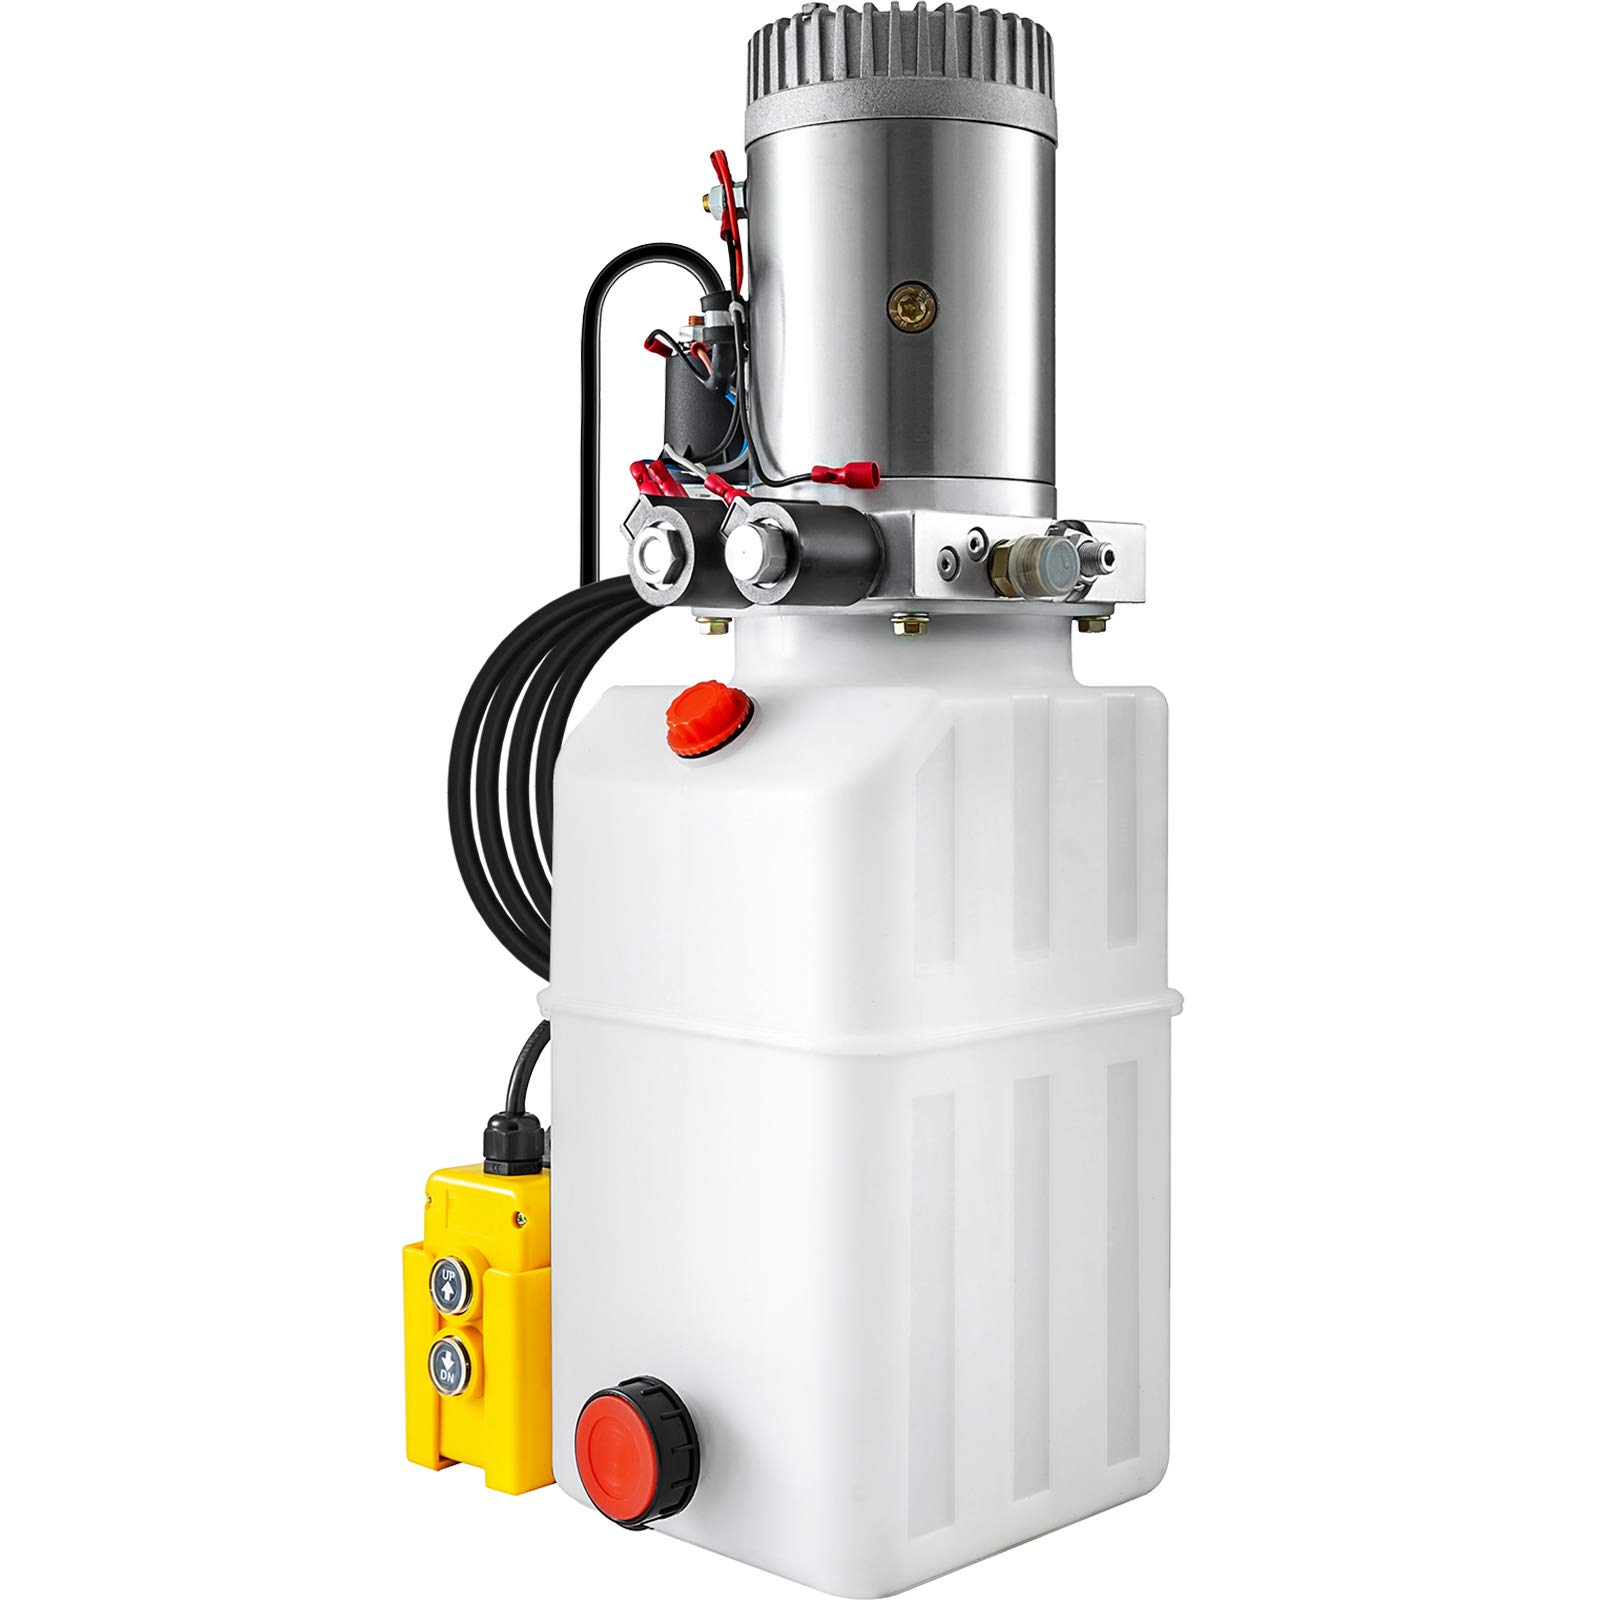 Bestauto Hydraulic Pump 12V Hydraulic Motor Hydraulic Power Unit, Dump Trailer Hydraulic Pump 6 Quart Double Acting Hydraulic Pump Dump Trailer Control Kit Lift Unit Pack